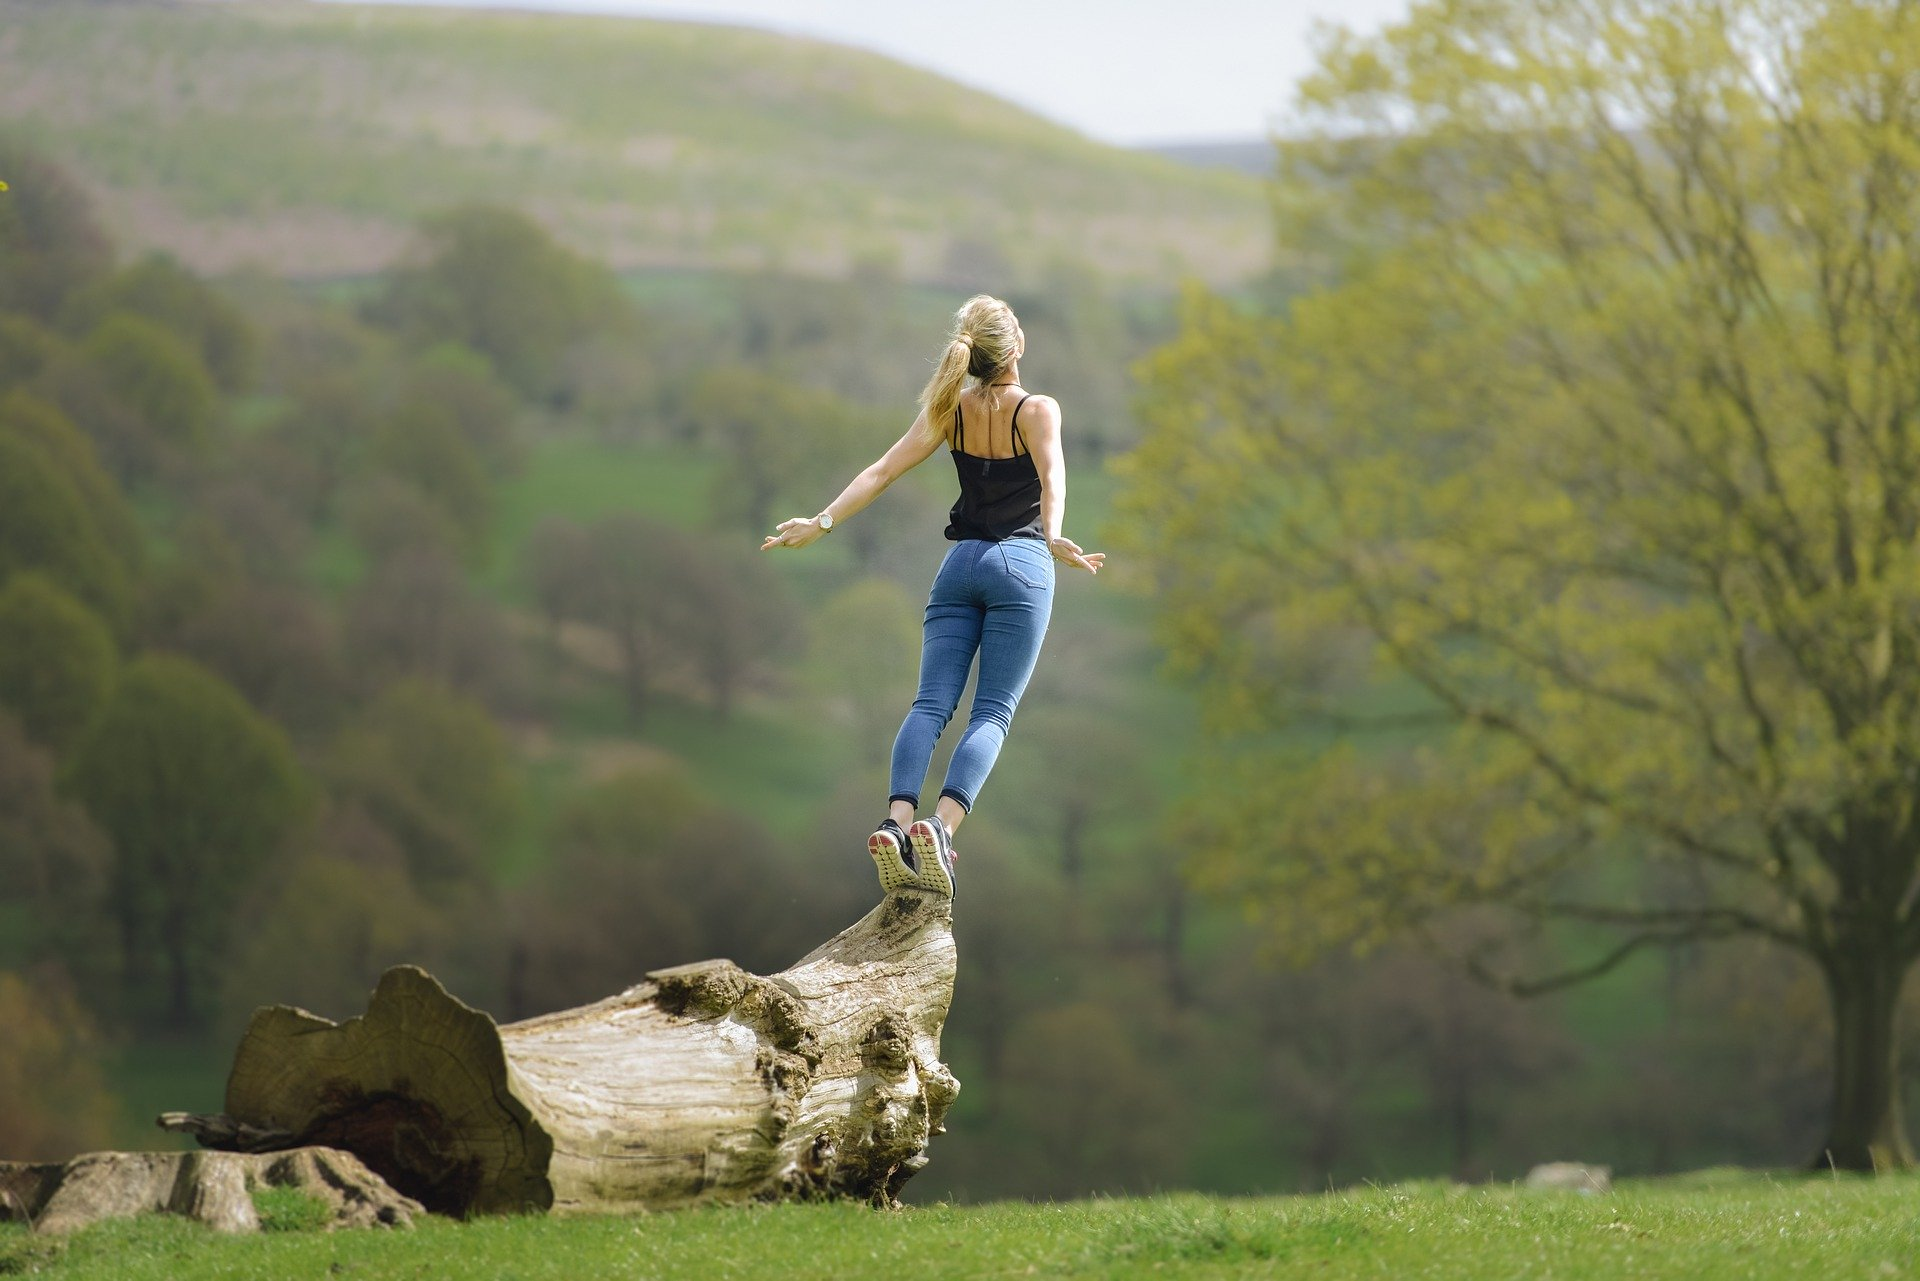 Kje človek prejme veselje in notranjo moč?